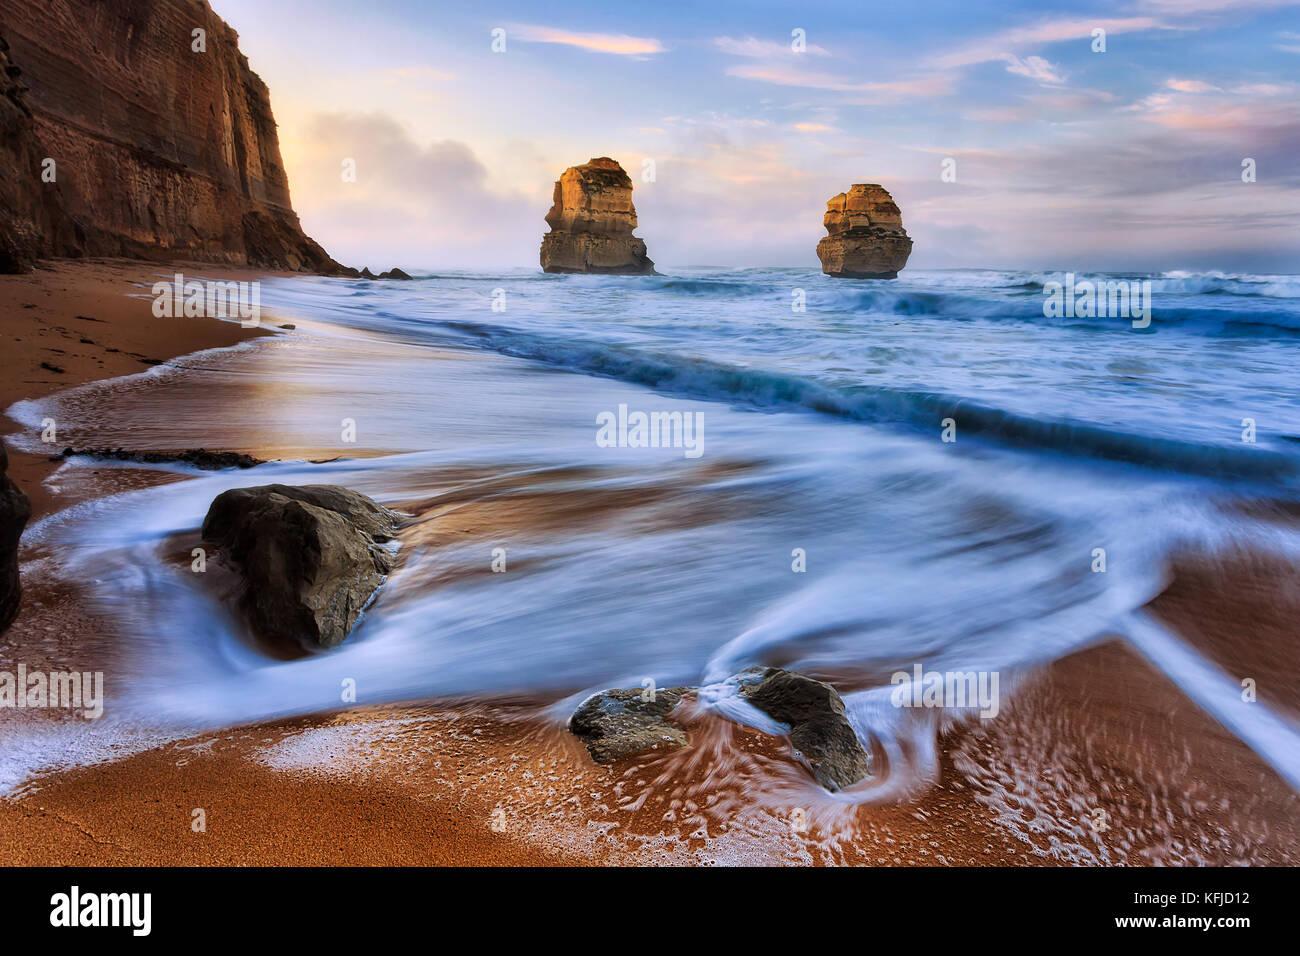 Amanecer en Gibson pasos playa en Great Ocean Road doce apóstoles parque marino con vista de dos rocas permanente Imagen De Stock